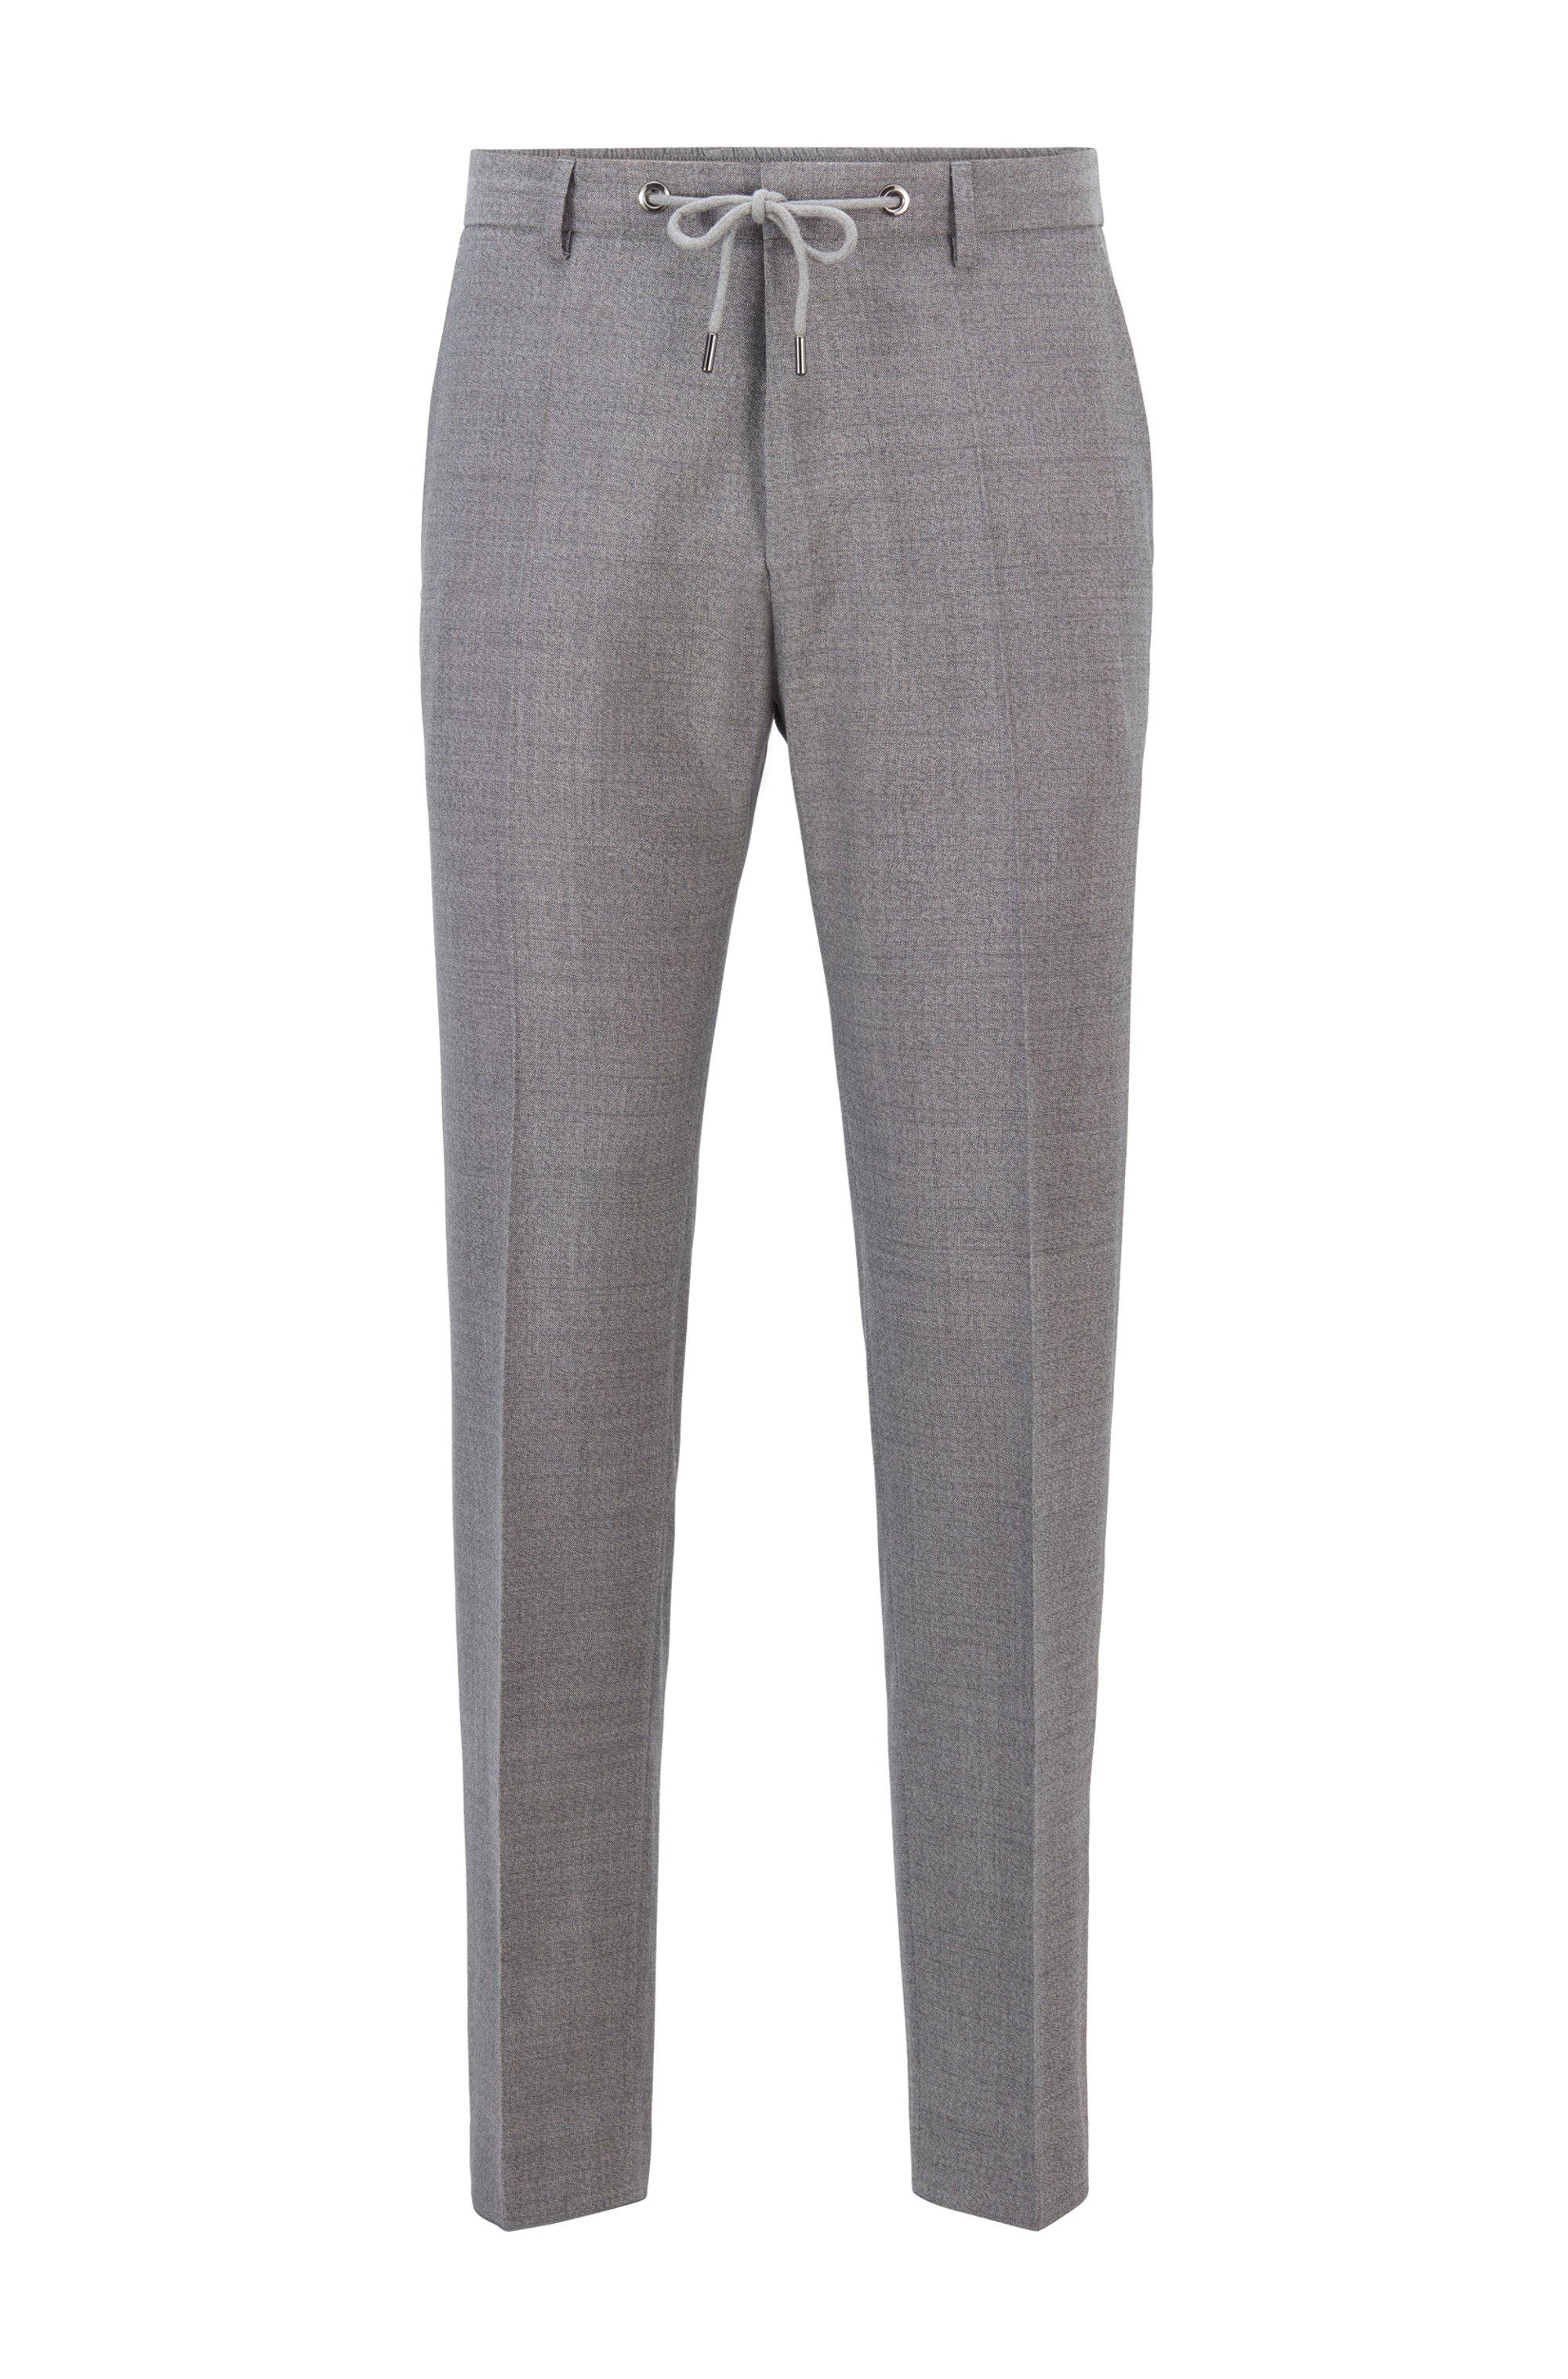 Pantalones slim fit de talle alto en lana virgen, Gris